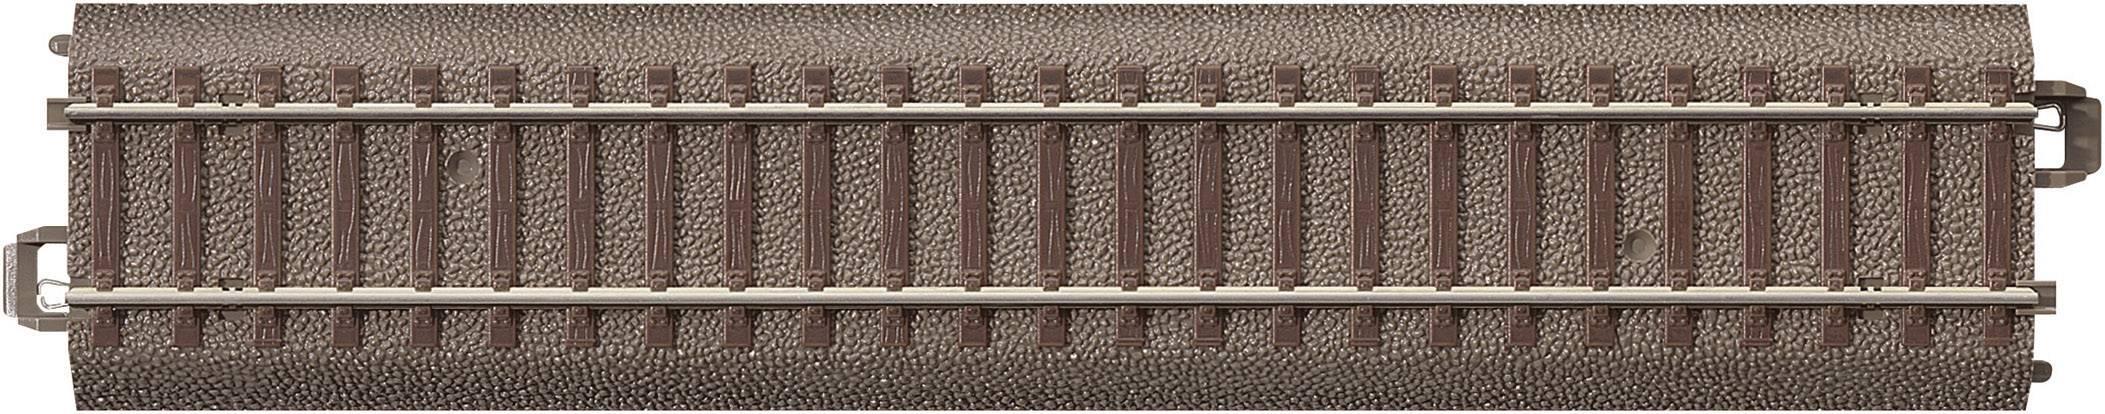 Tamiya-une pièces pour 58500 # 0005141 conducteur figure